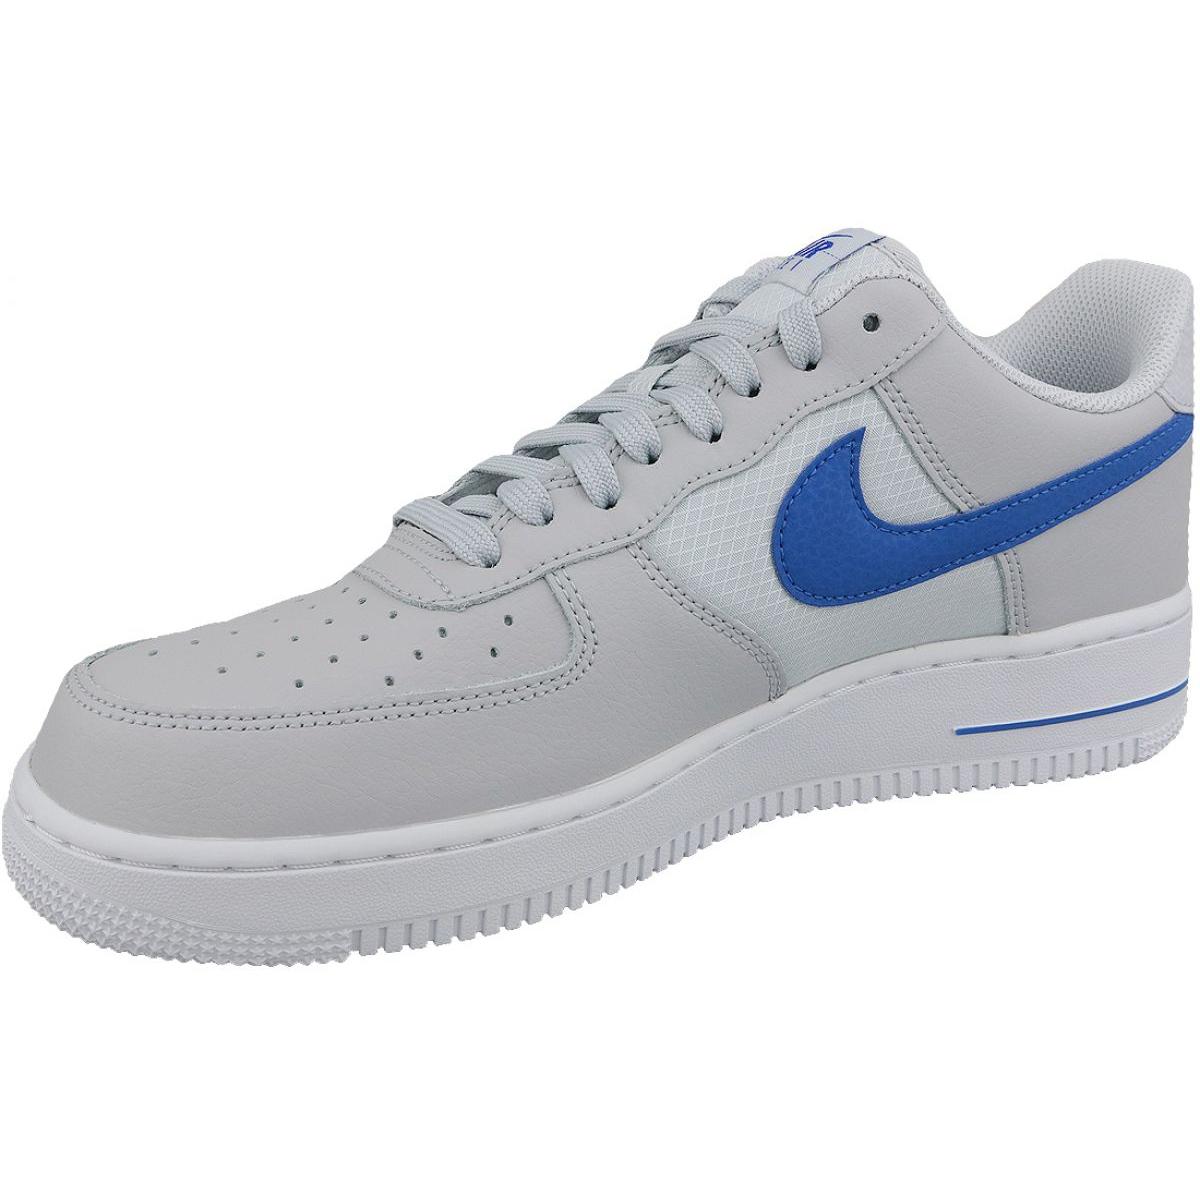 meilleur service 68bb2 26e4d Gris Chaussures Nike Air Force 1 '07 LV8 M CD1516-002